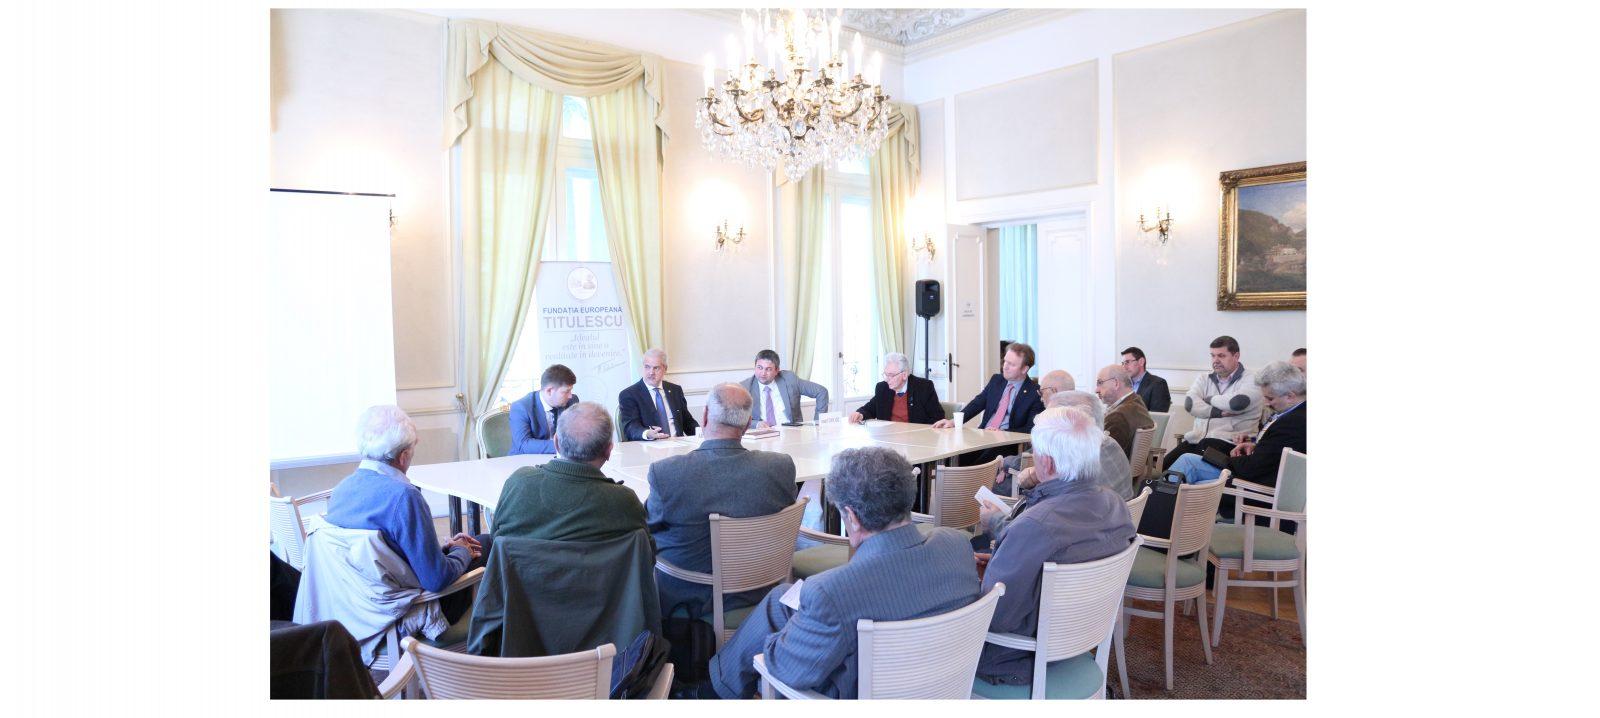 Masa Rotundă – Istoricii și Marea Unire: perspective, idei, propuneri